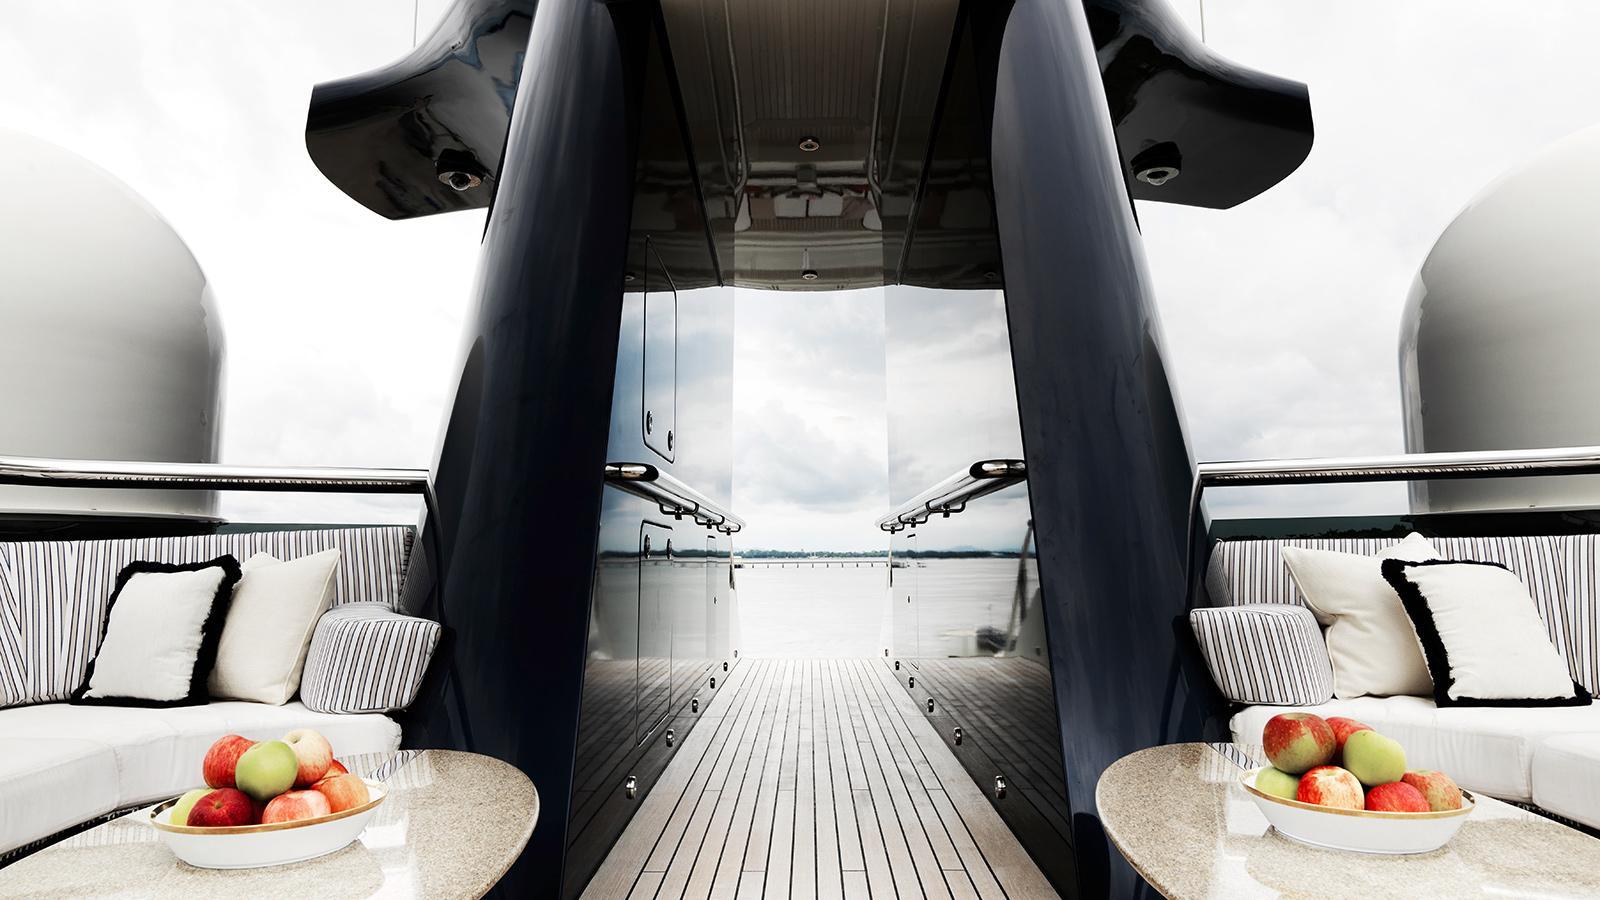 Alquiler de yates de lujo en Ibiza. Alquiler de barcos baratos en Ibiza. Yates de alquiler en Ibiza